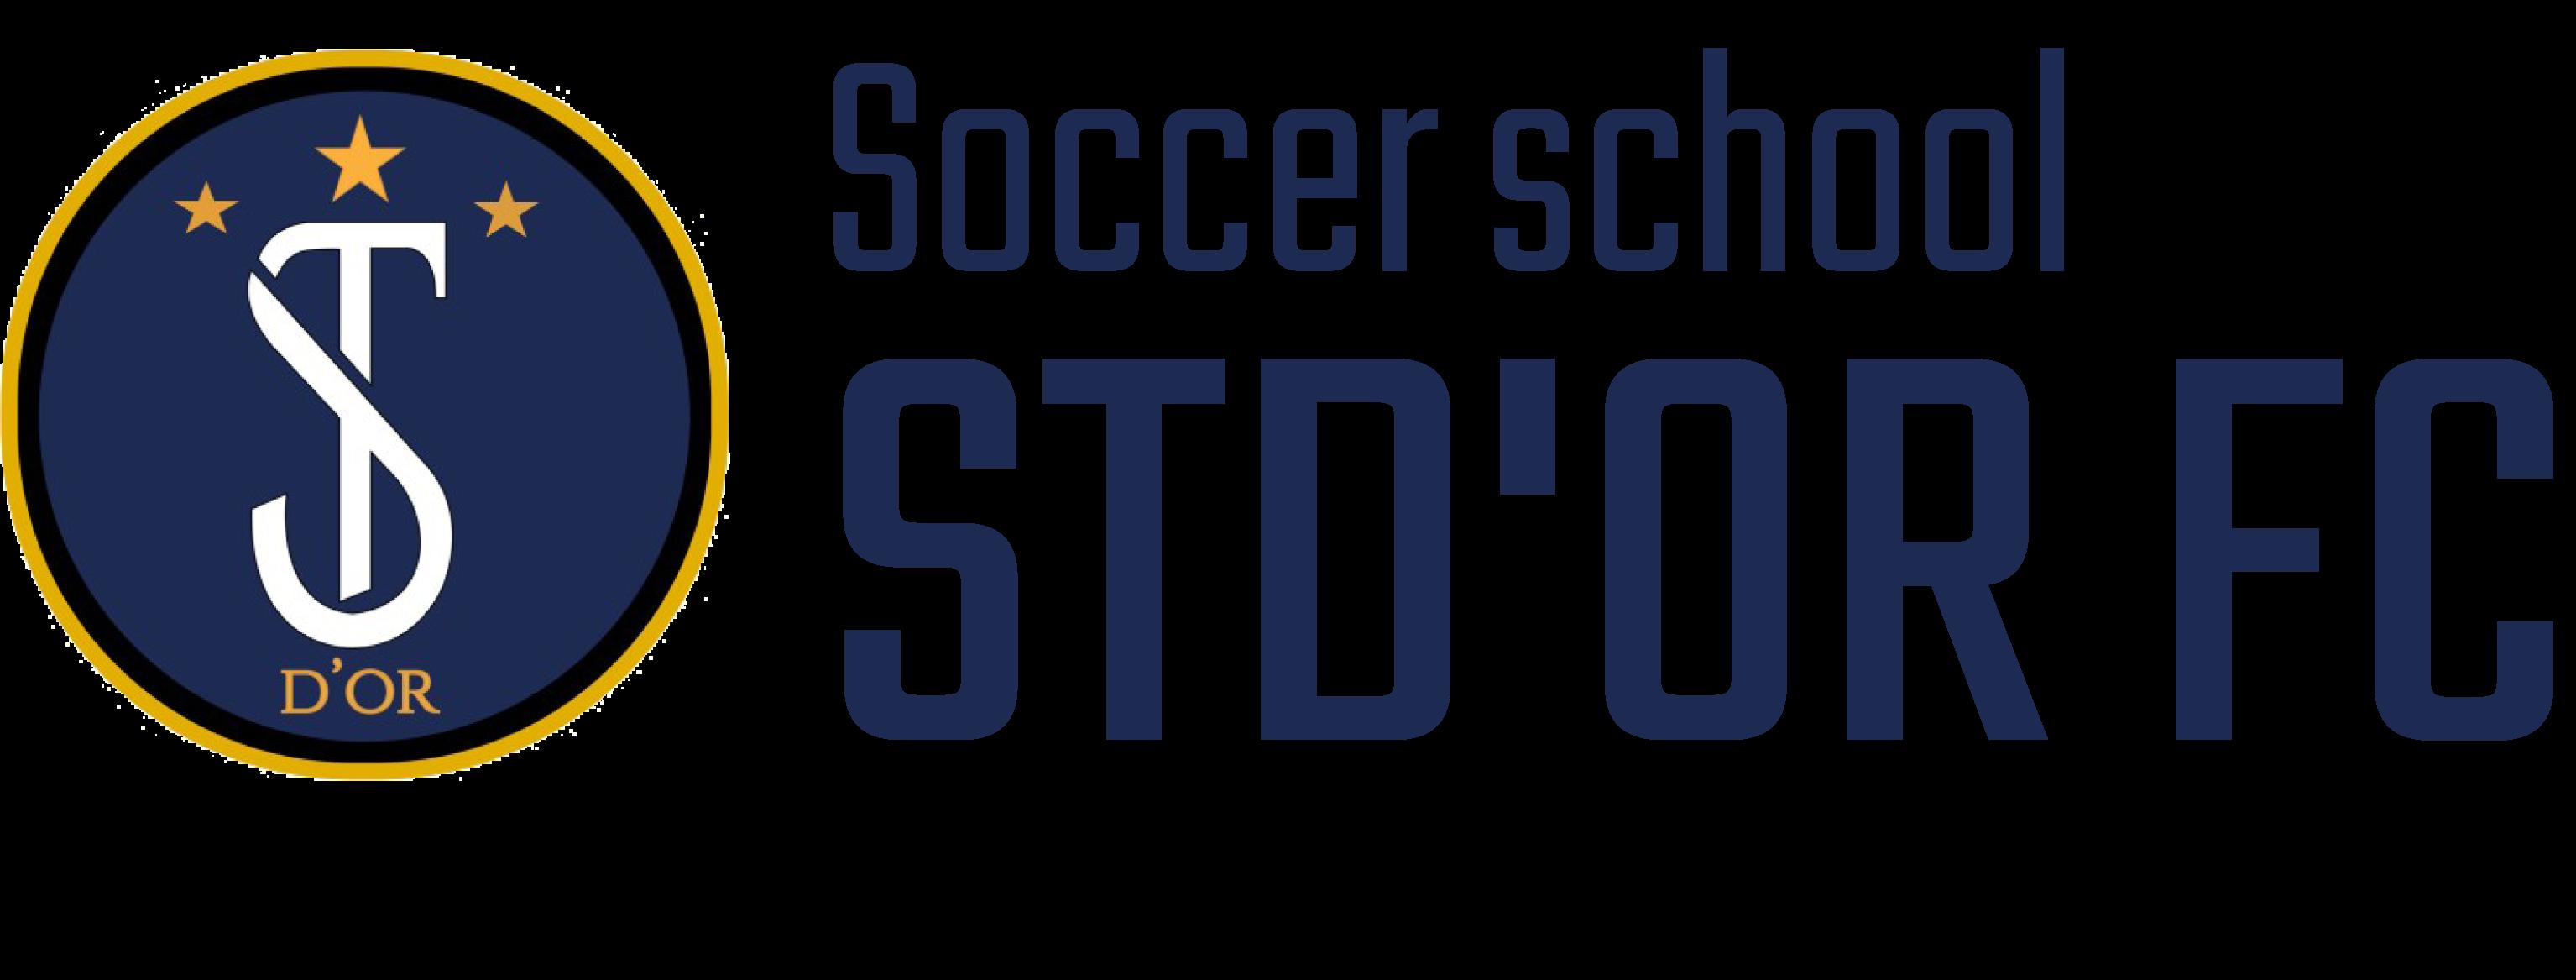 豊田市・碧南市でサッカー教室ならサッカースクールSTD'OR FC